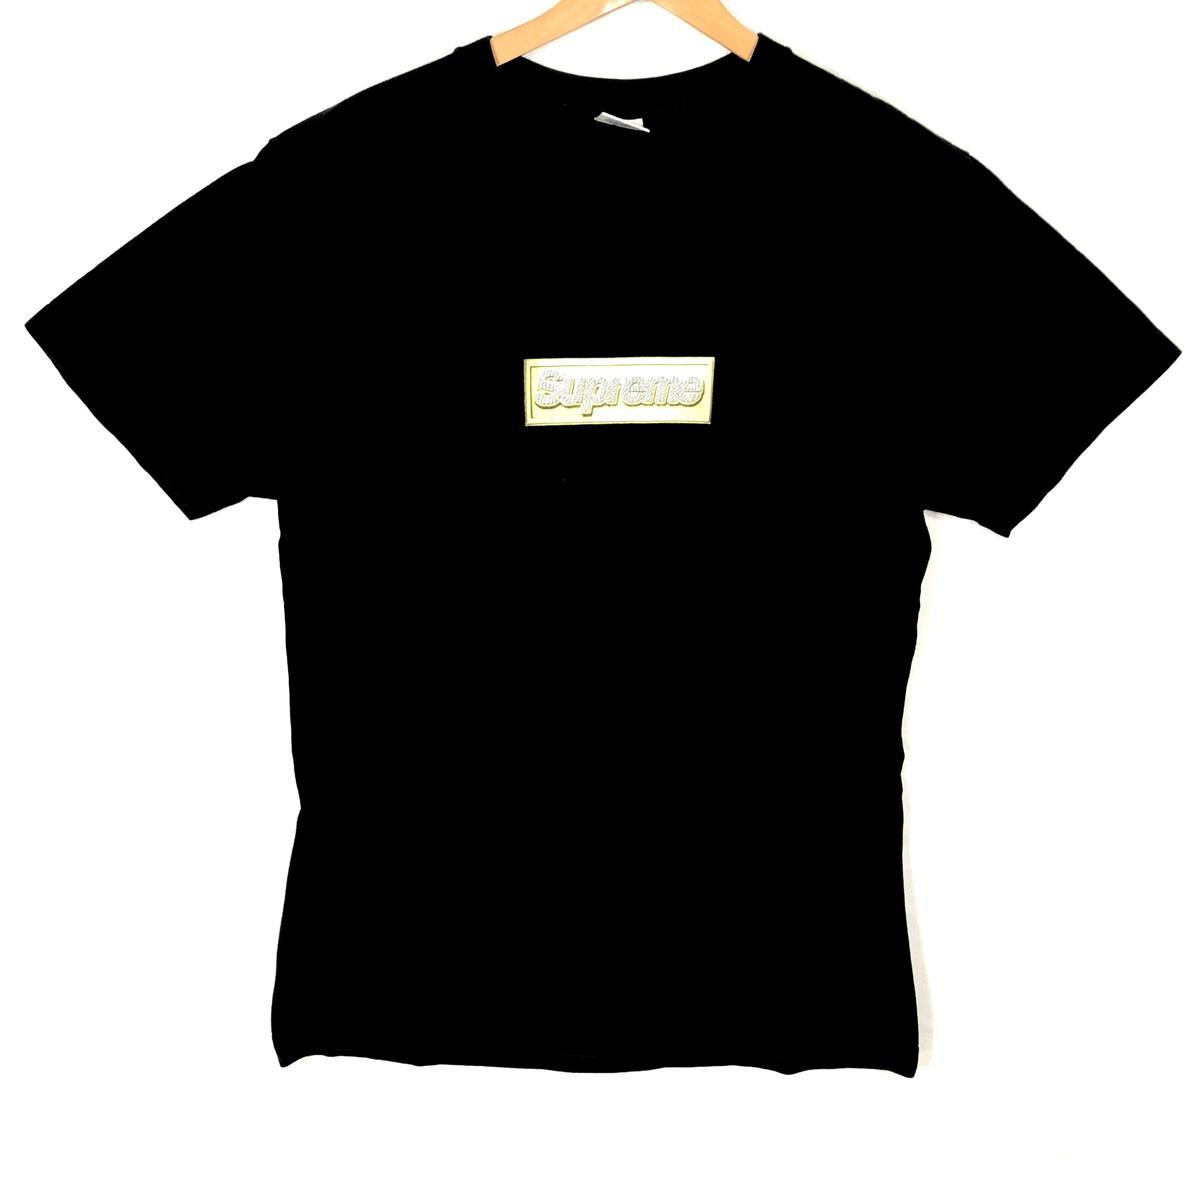 Supreme シュプリーム Bling Box Logo Tee ブリング ボックスロゴ Tシャツ M /13SS 黒 ブラック BLACK メンズ レディース【中古】